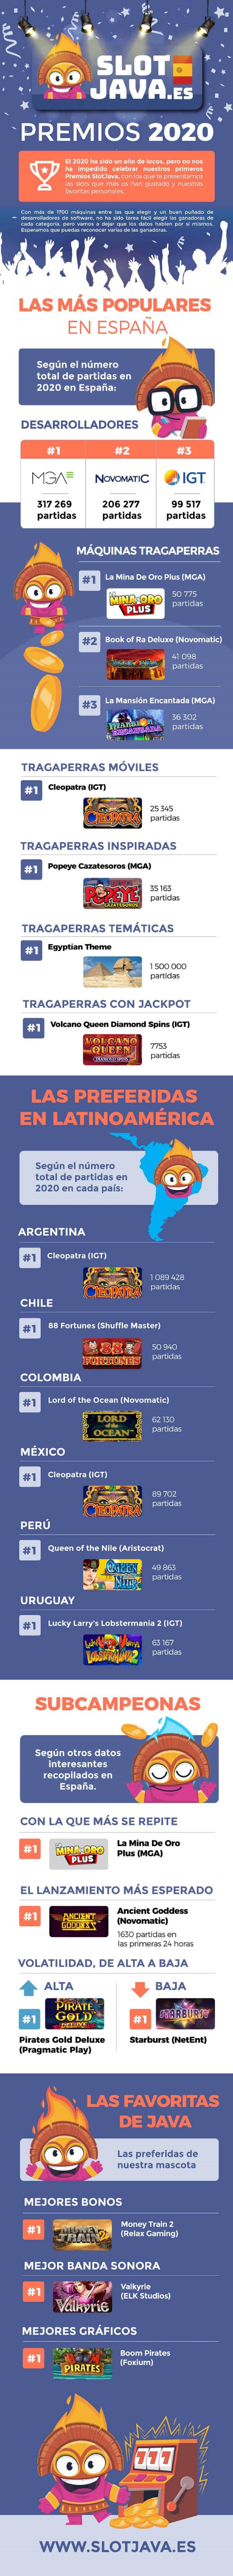 estreno-de-los-premios-slotjava-2020-infographic